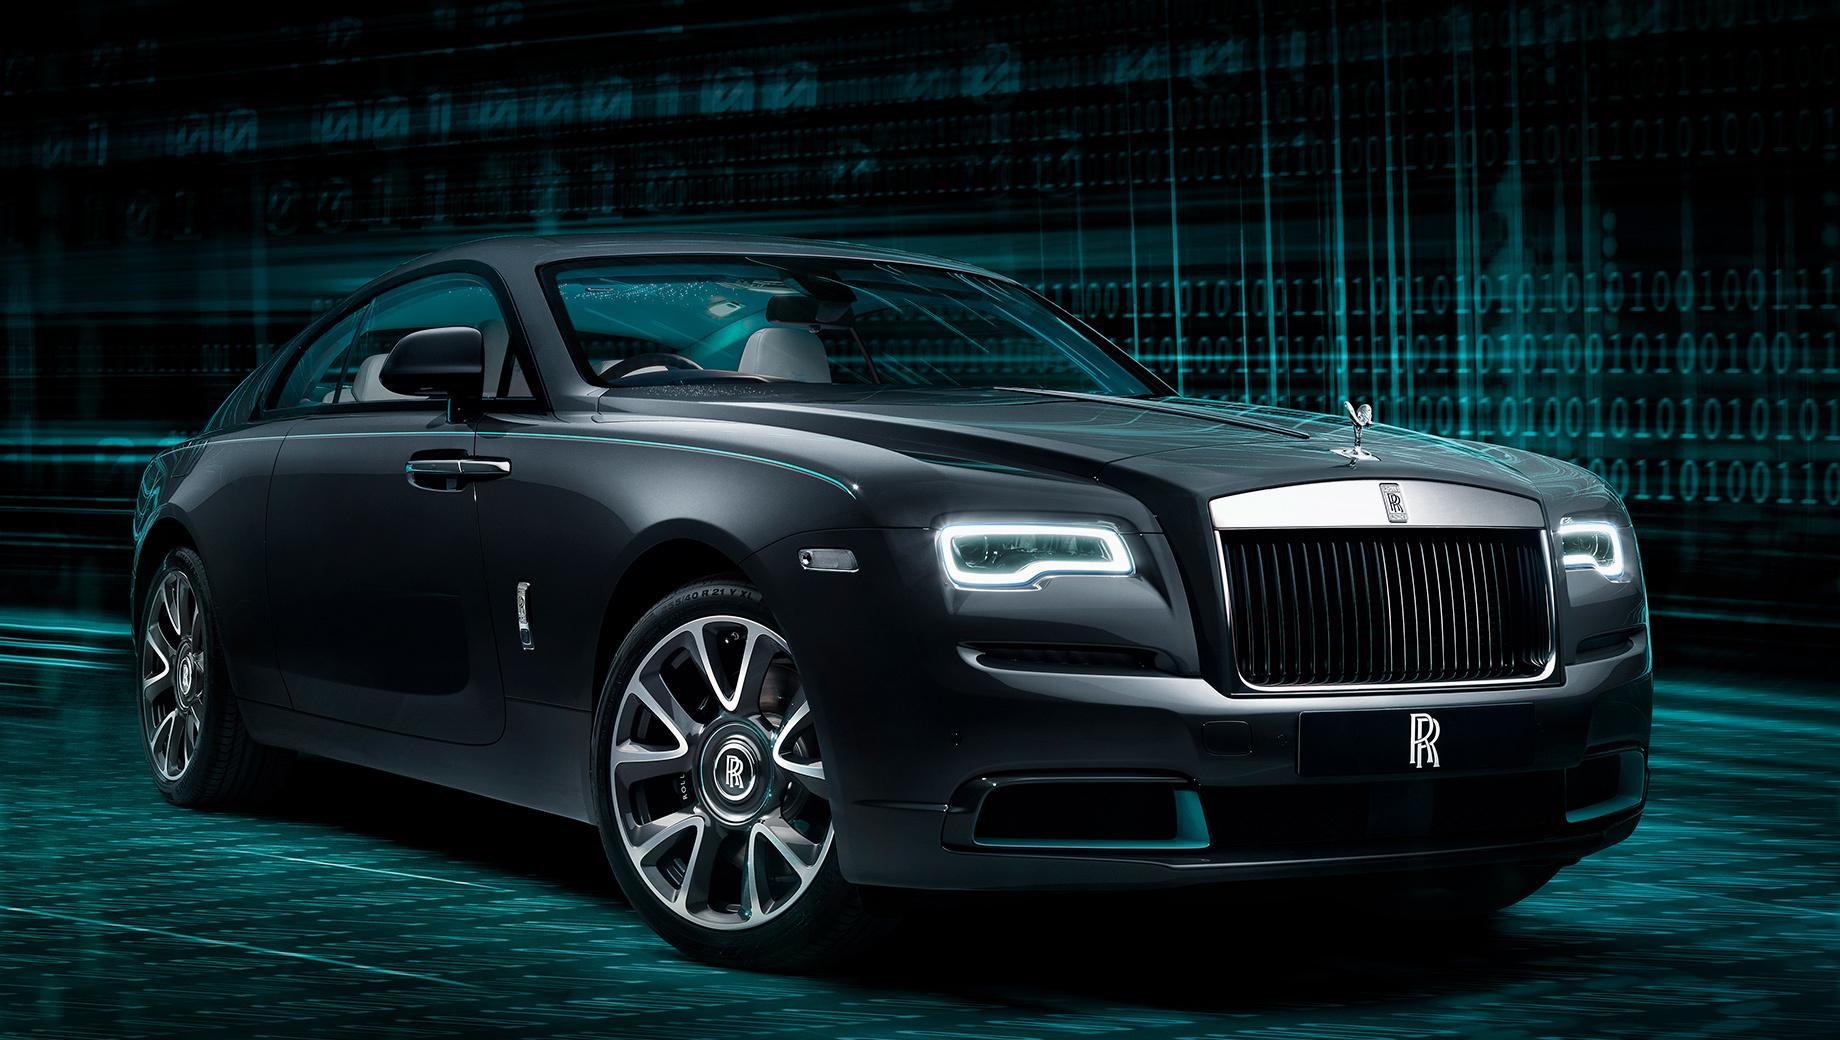 Rolls-Royce Wraith Kryptos озадачит владельца шифровкой